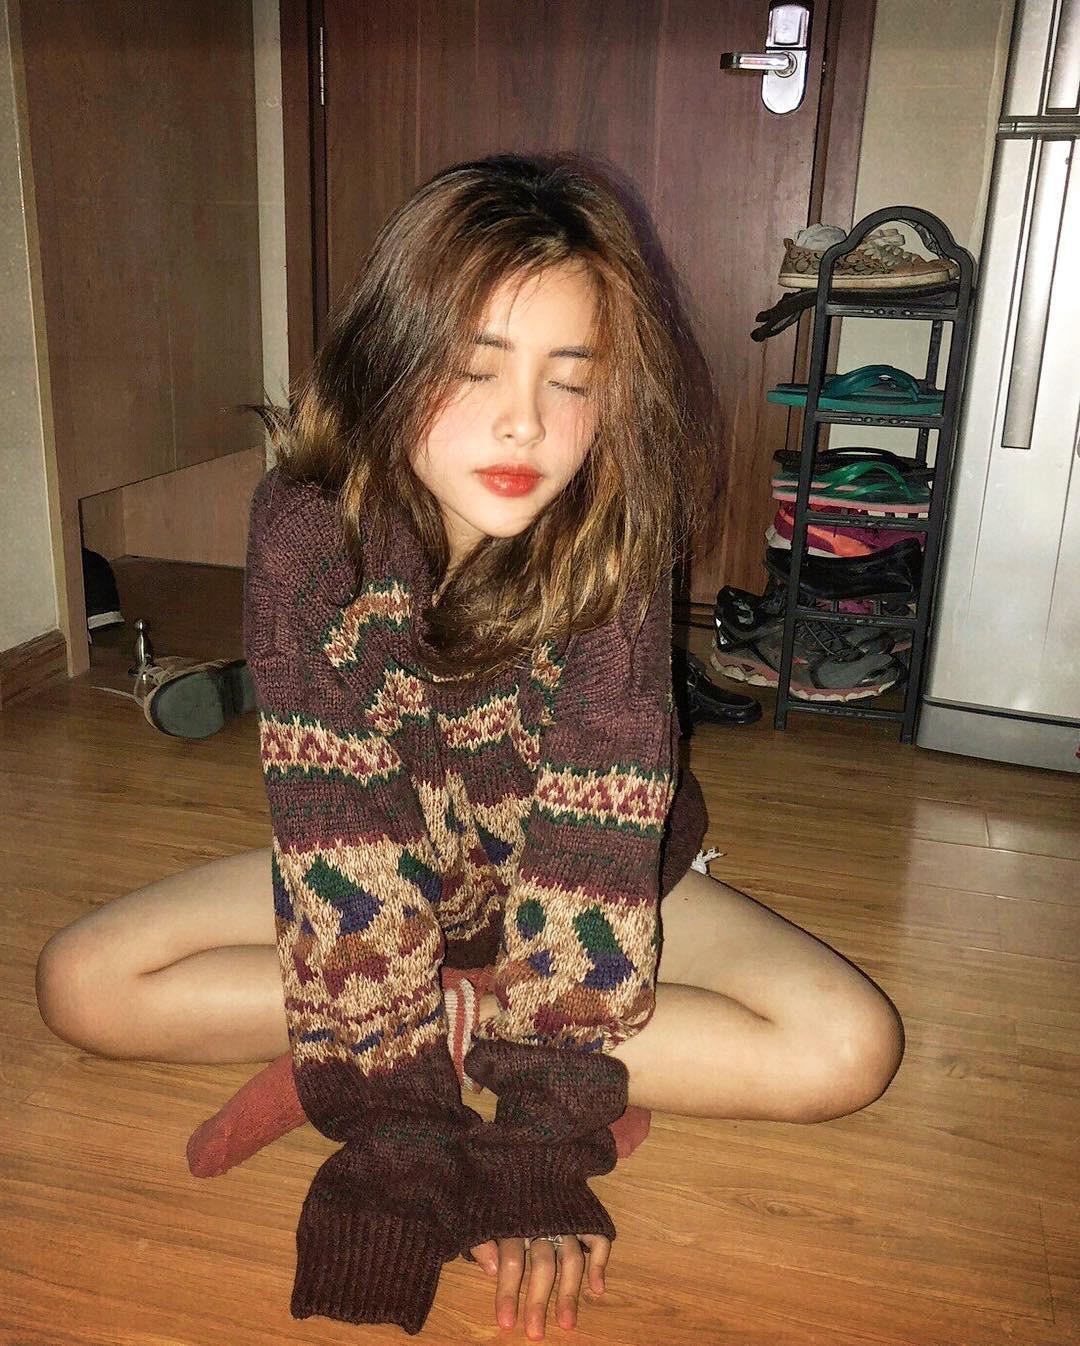 Nữ sinh Sài Gòn sinh năm 2000 thường xuyên được bắt chuyện bằng tiếng Anh vì quá giống Tây - Ảnh 10.